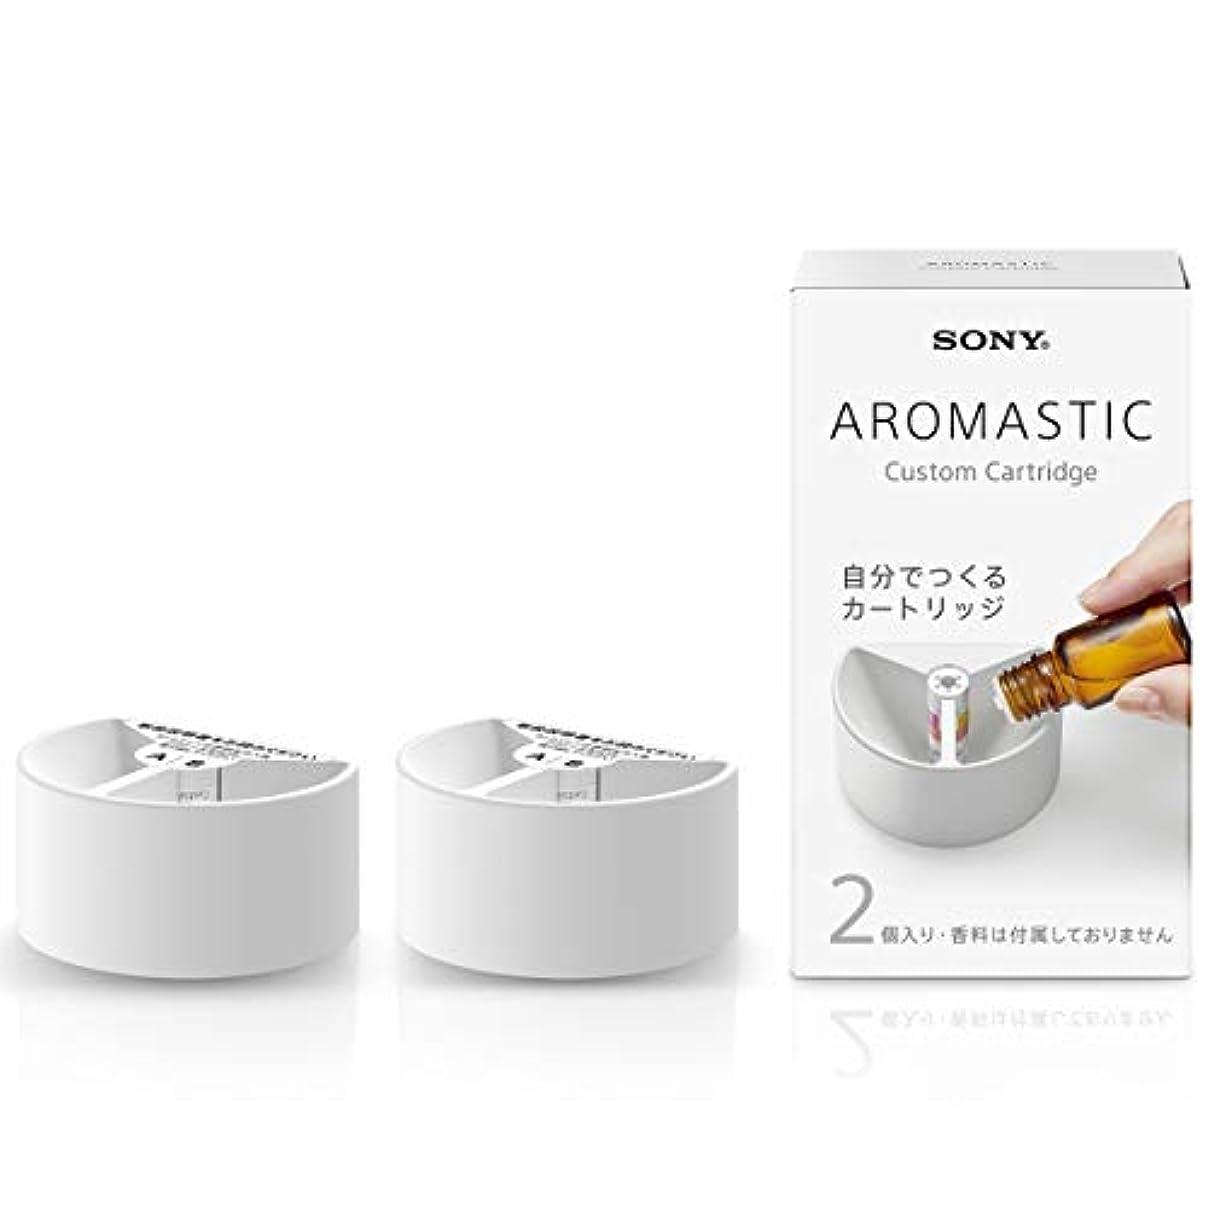 太いモザイク混乱AROMASTIC Custom Cartridge(カスタムカートリッジ) OE-SC001